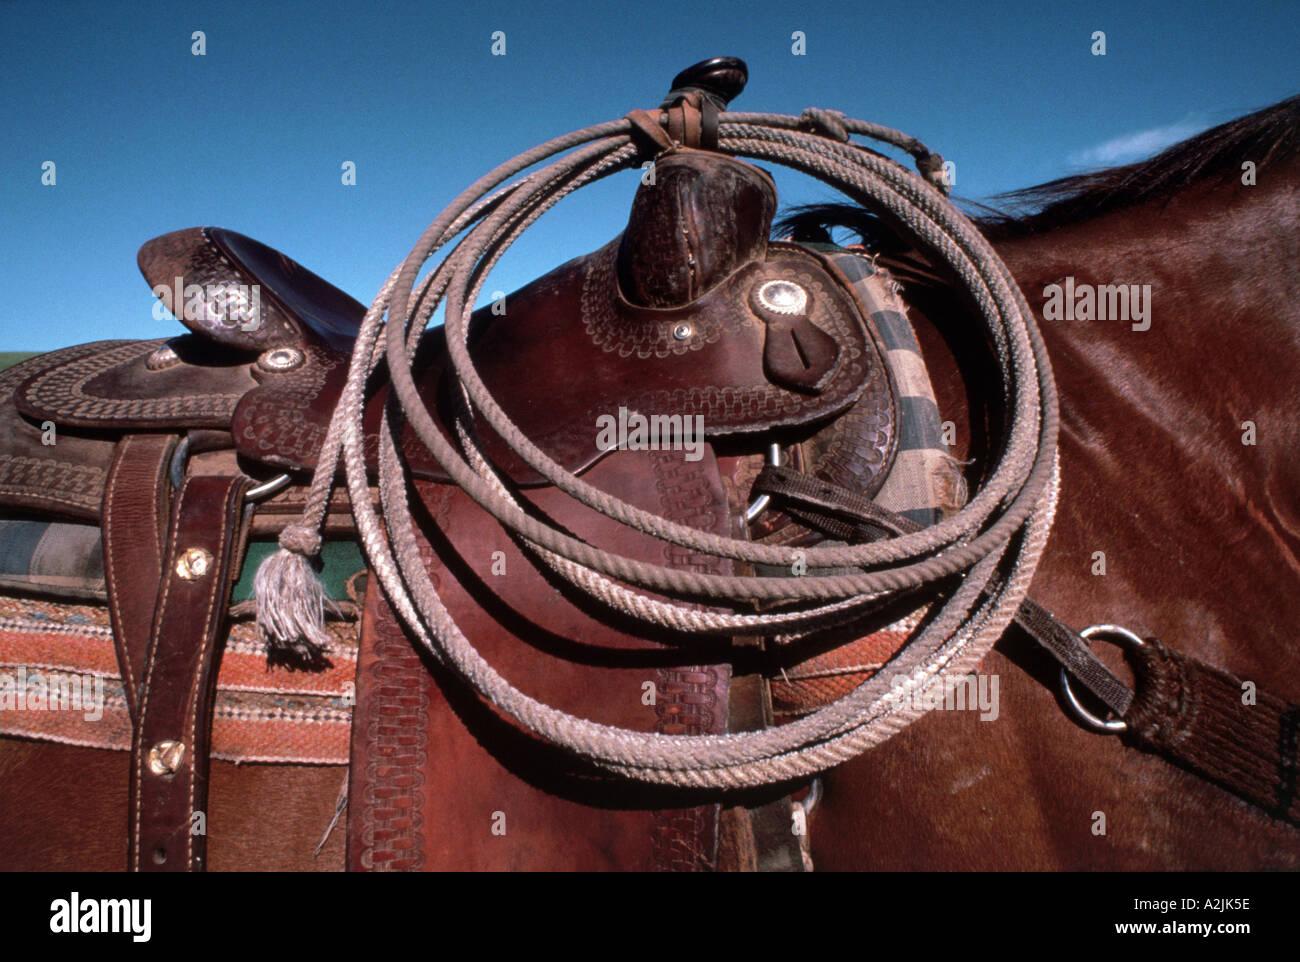 Western style saddle with lariat - Stock Image